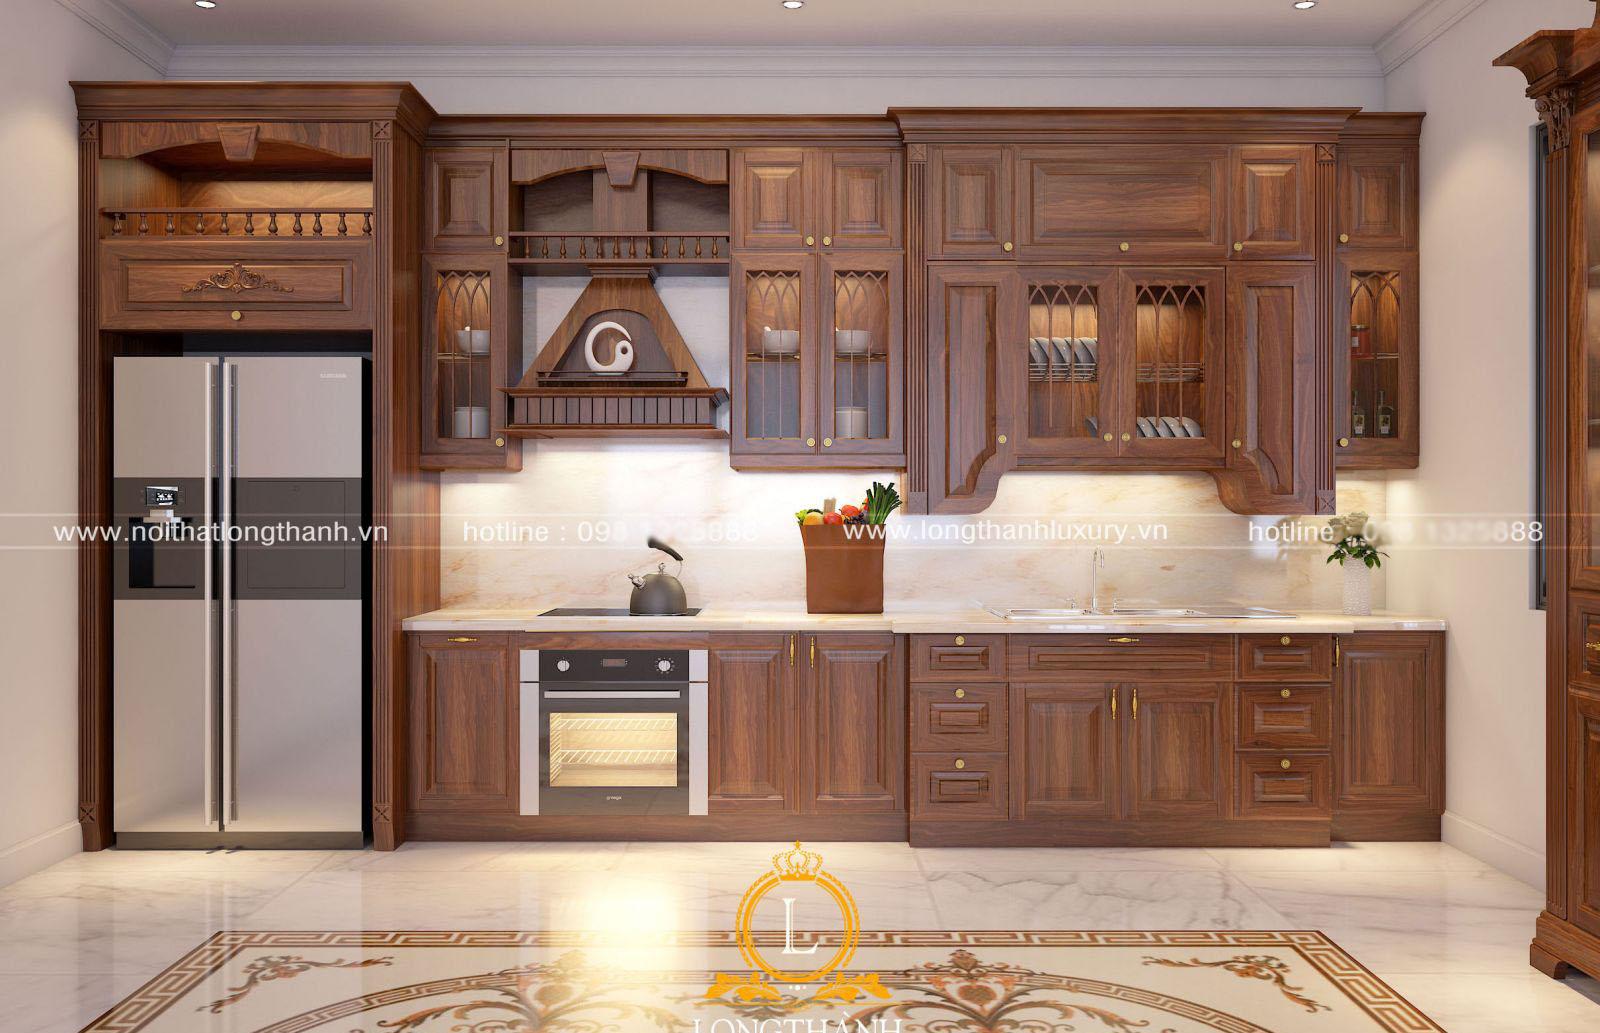 Mẫu tủ bếp tân cổ điển chữ I thanh lịch cho nhà biệt thự